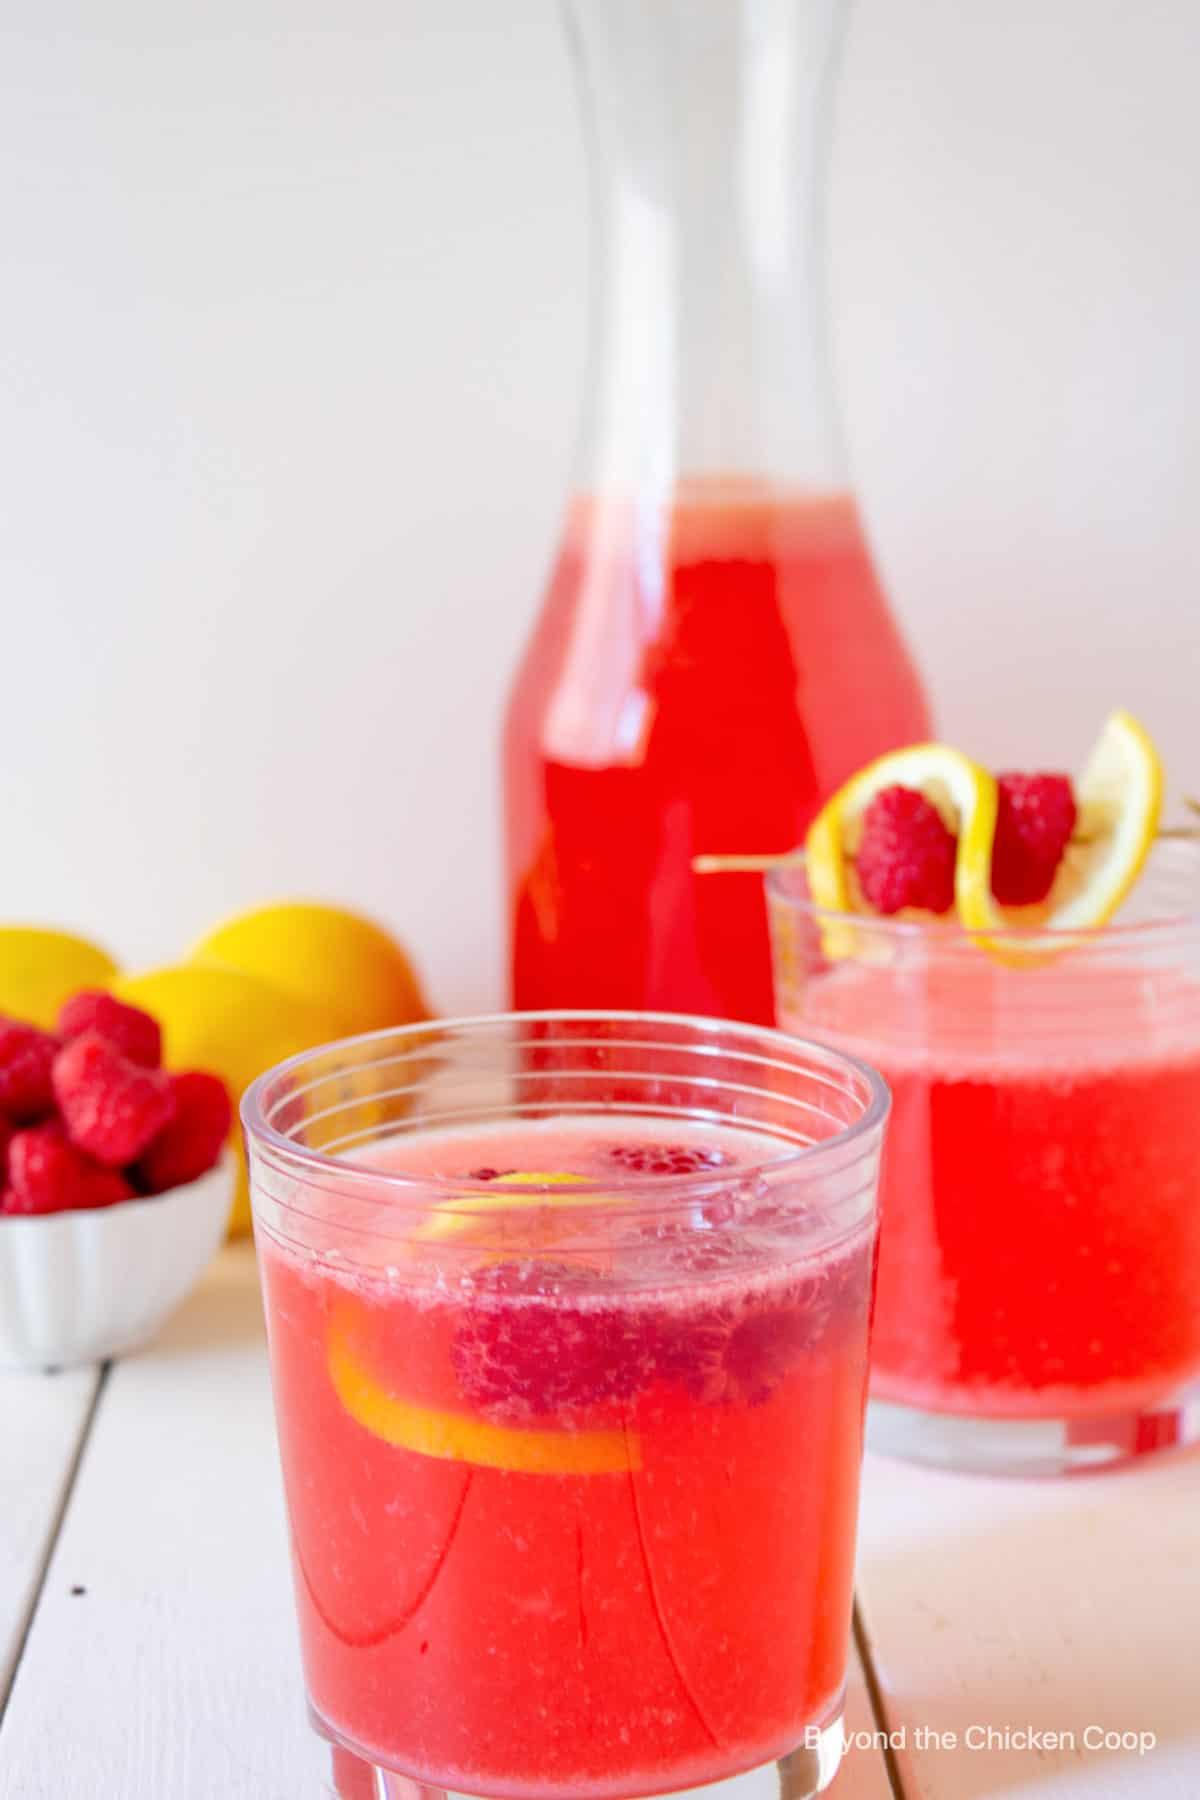 Two glasses of raspberry lemonade.